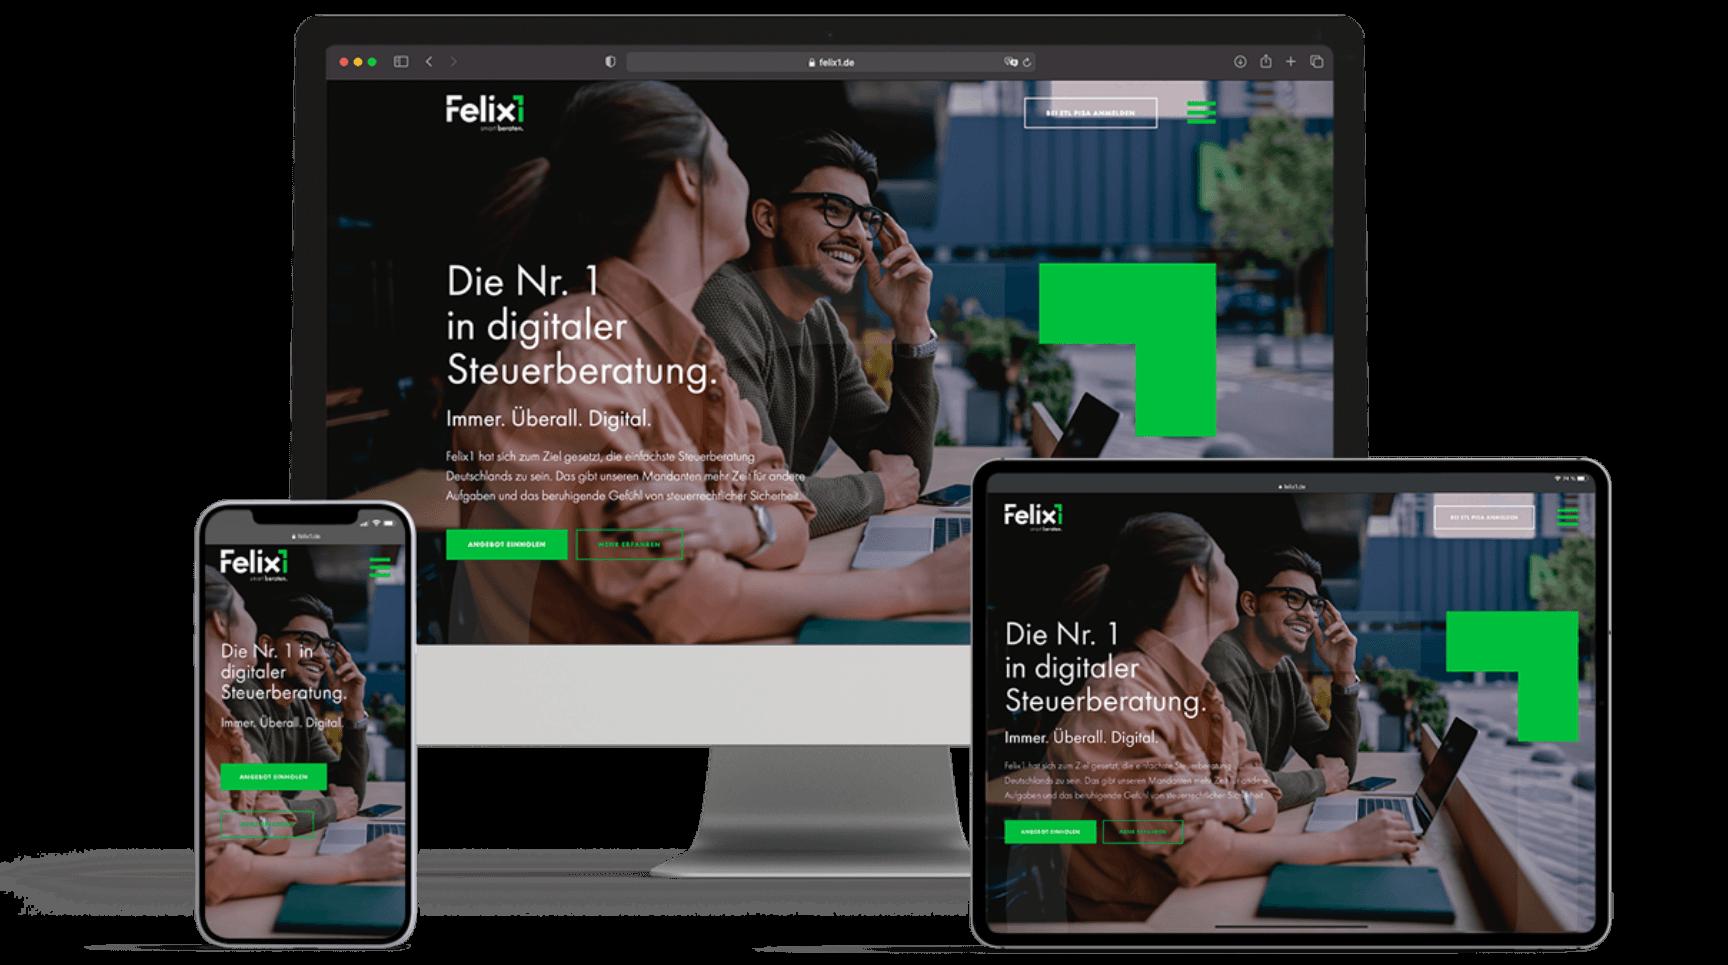 Mockup von verschiedenen Endgeräten für die Felix1-Website. Zu sehen sind ein Computer, ein Tablet, sowie ein Handy.